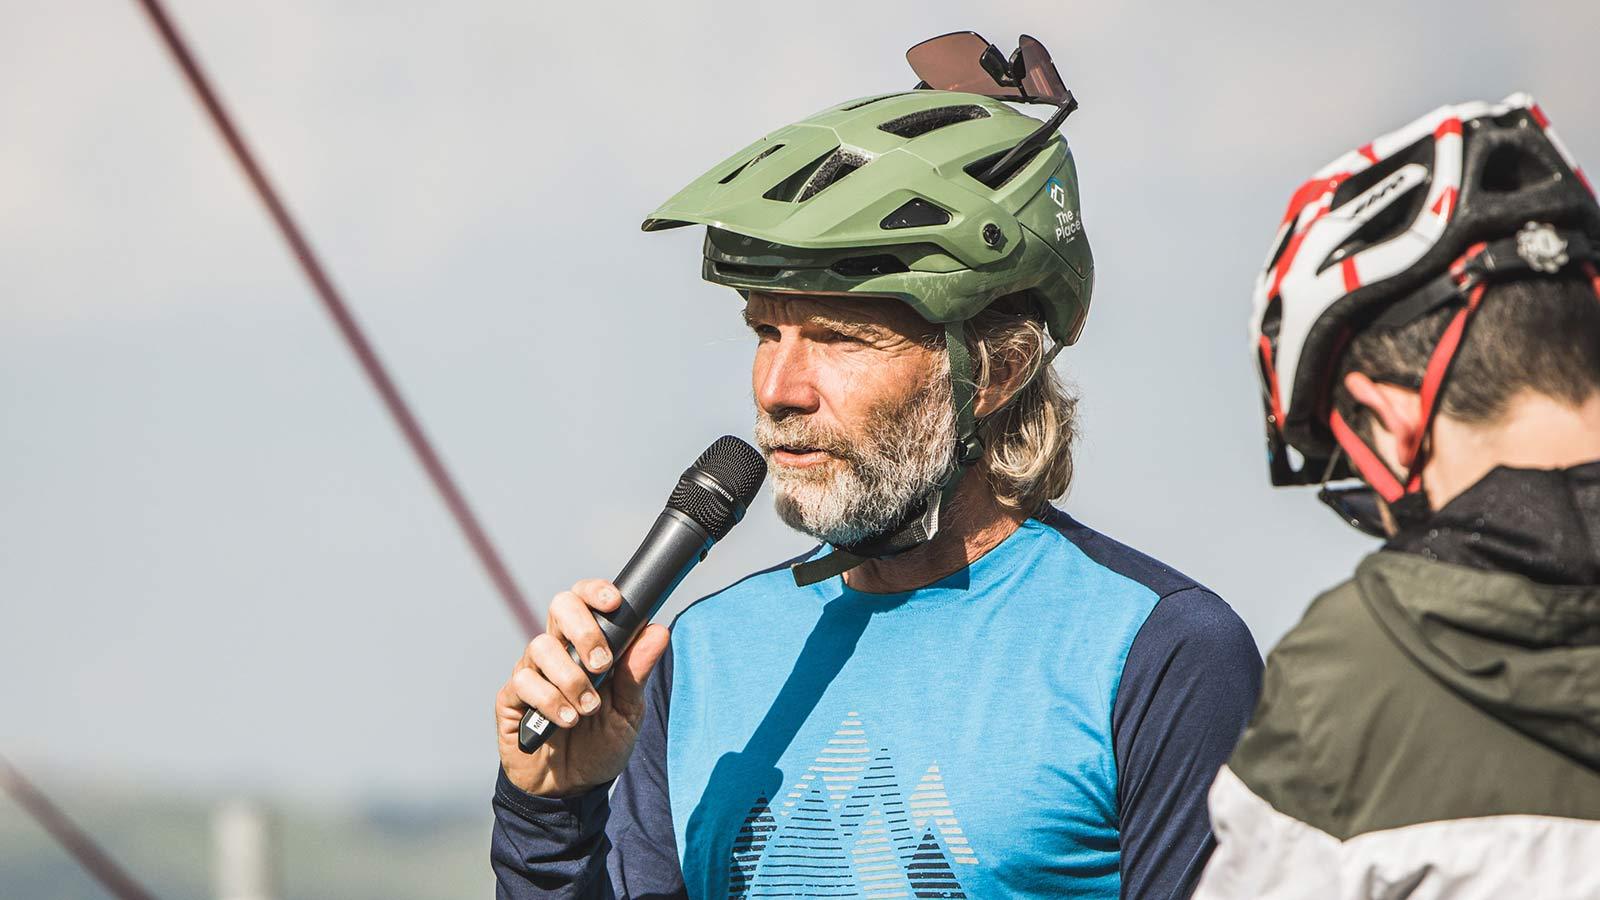 Event Knödeljagd 2021 Gröden Val Gardena - Holger Meyer